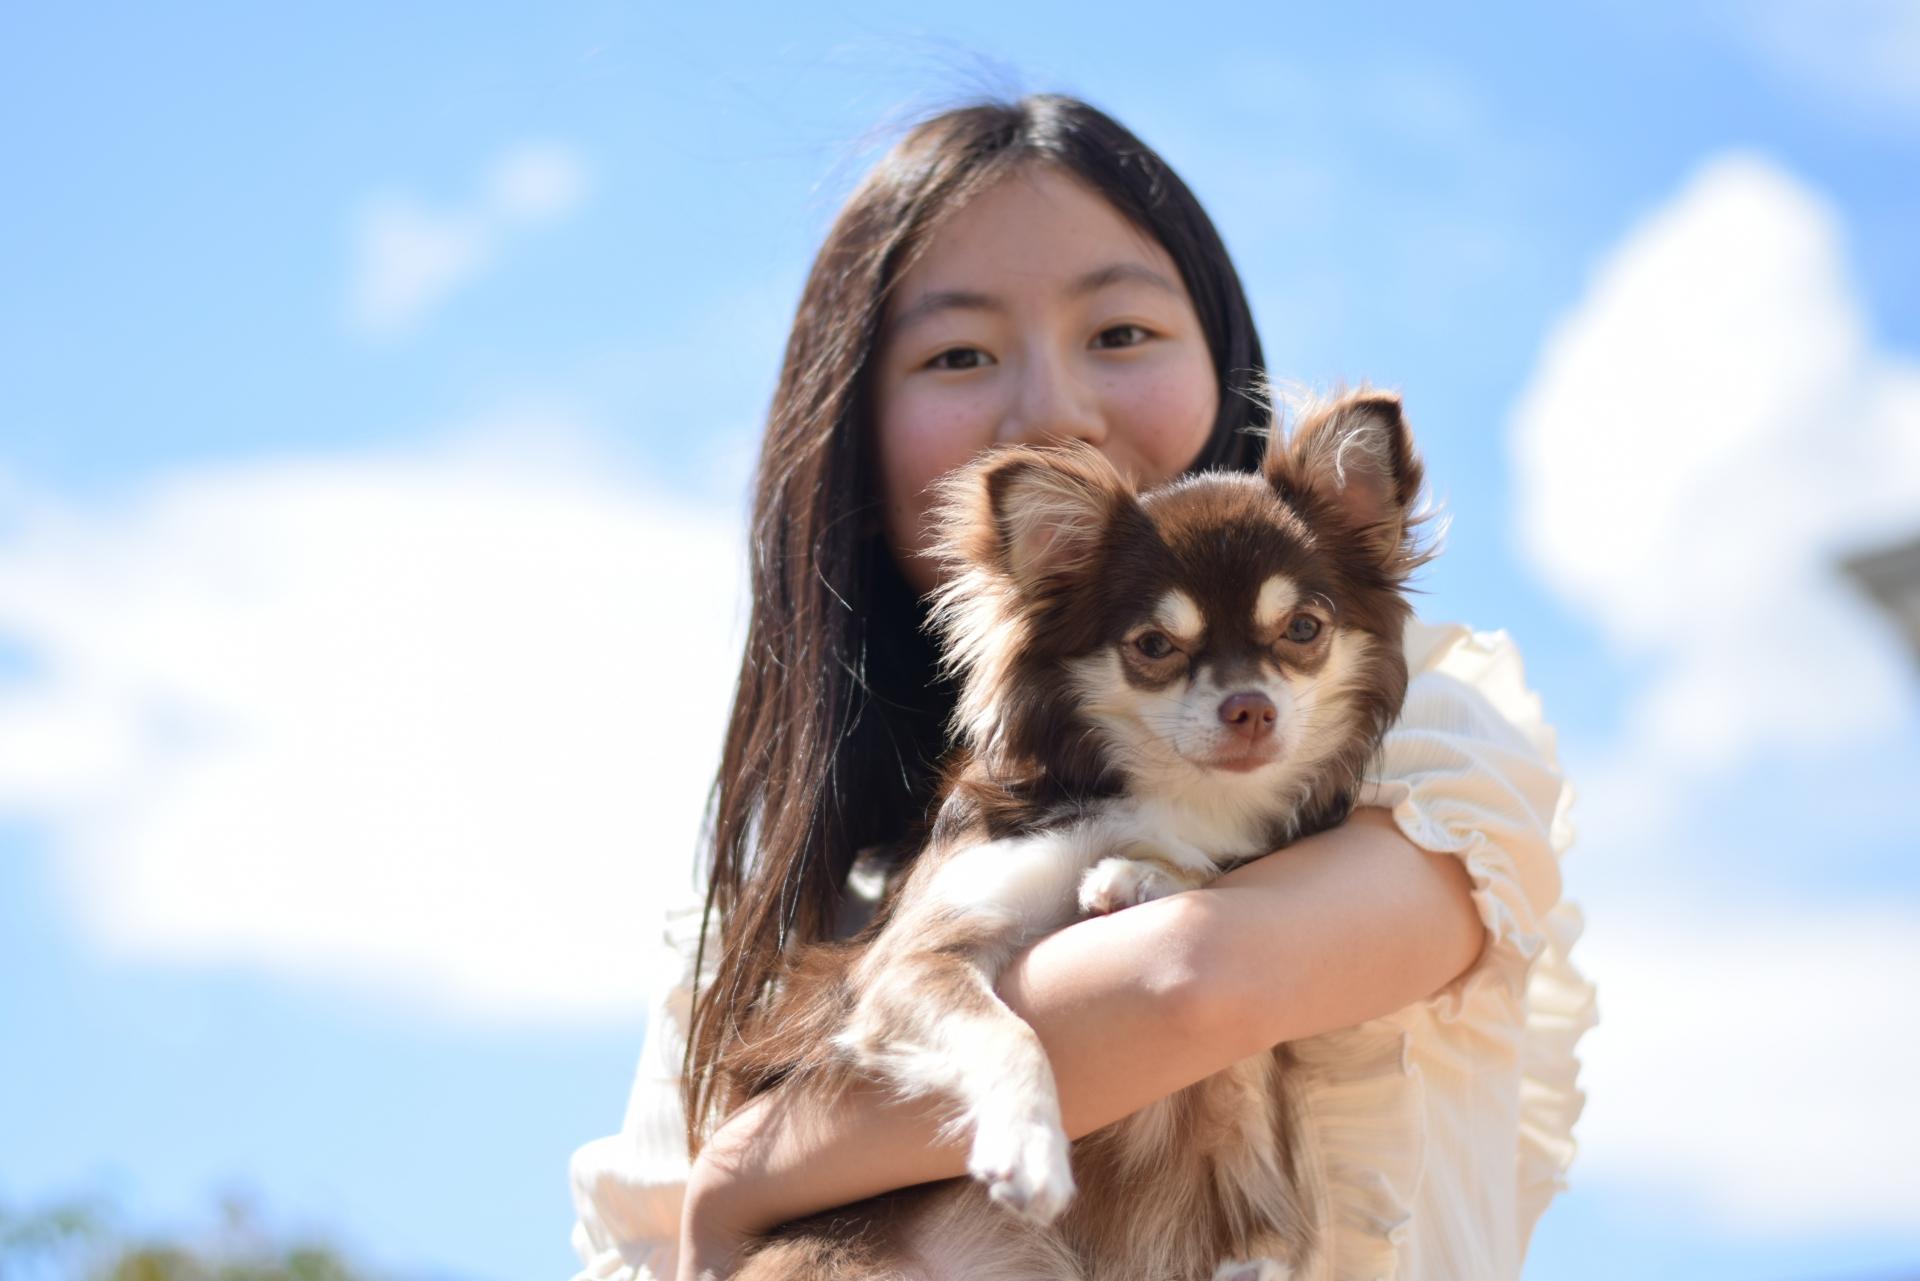 愛犬の信頼を取り戻す方法について紹介します